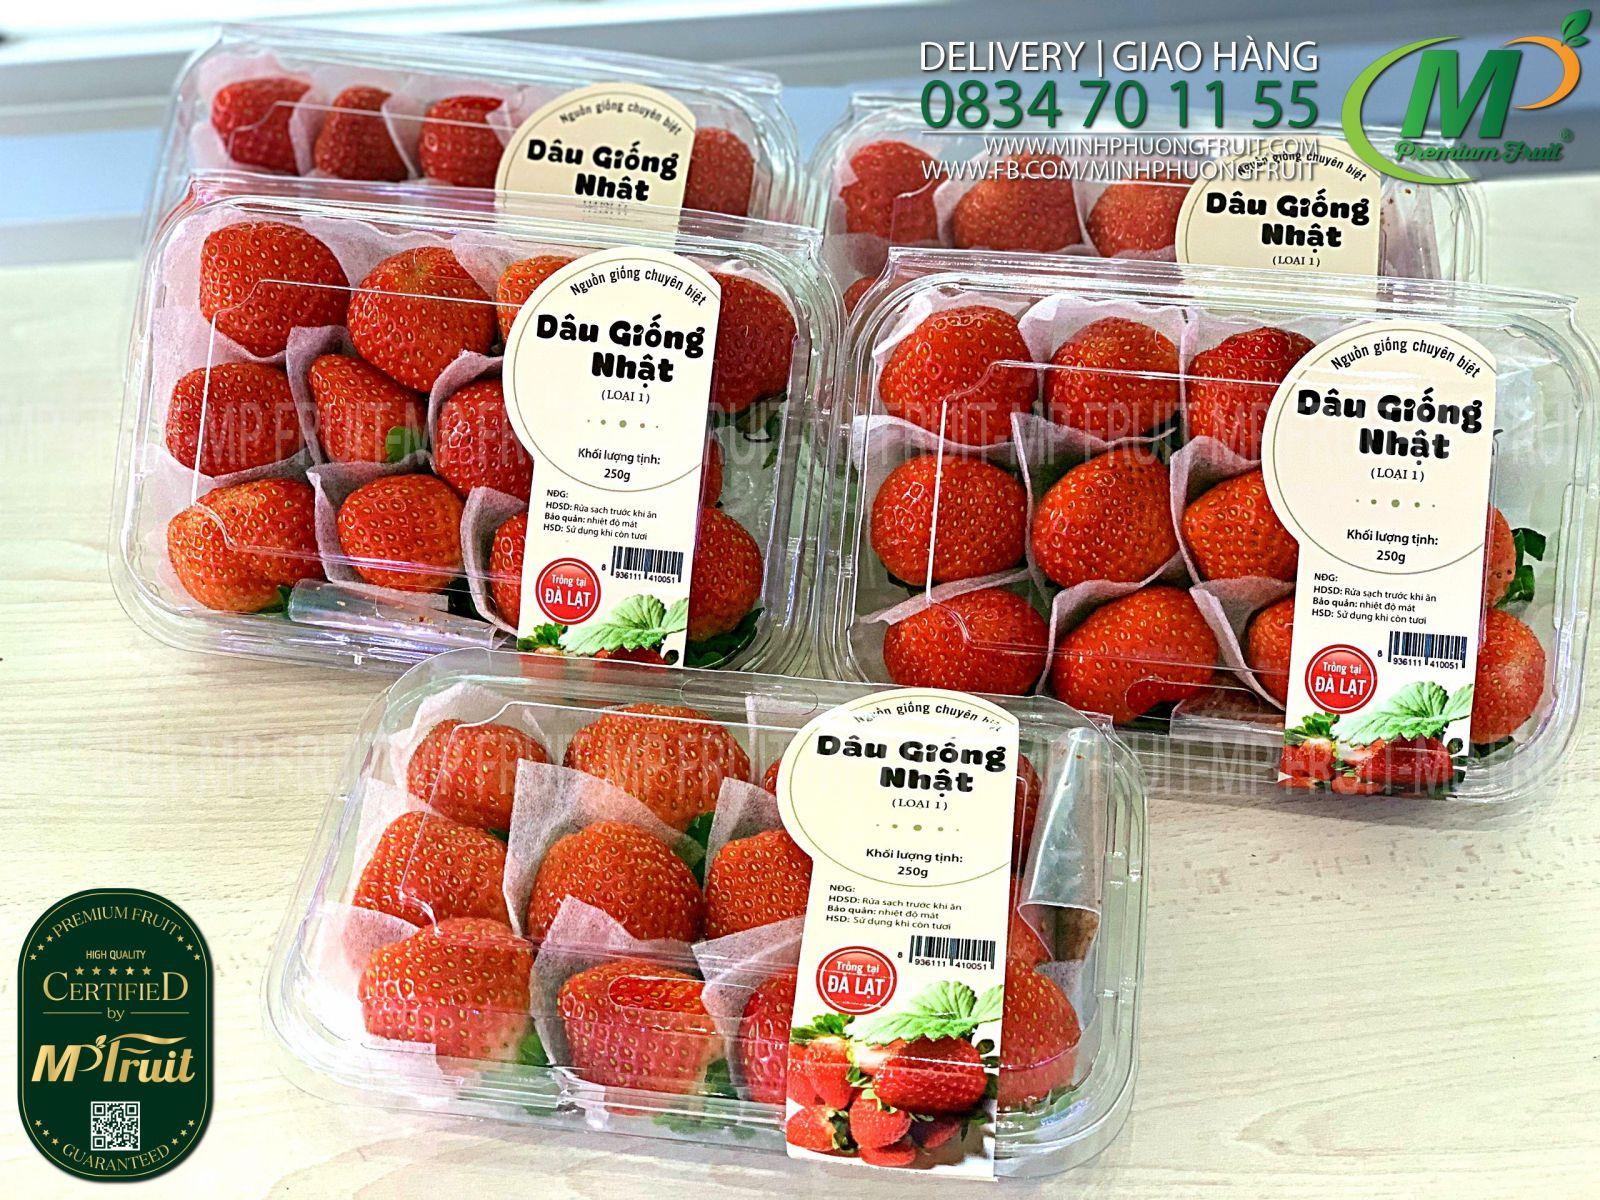 Dâu Tây Giống Nhật Bản Green Foods Dalat tại MP Fruits